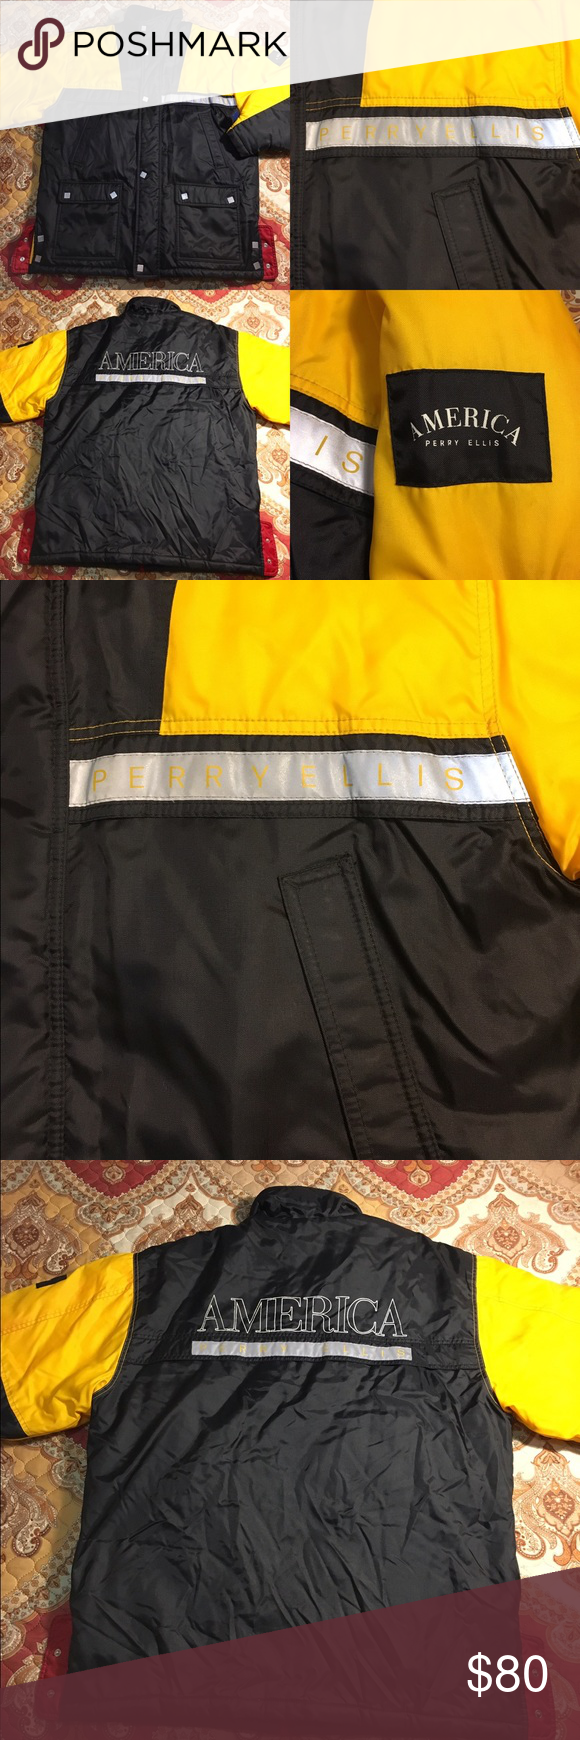 Vintage Perry Ellis America Parka x Puffer Jacket Size Large -excellent  vintage piece - excellent condition Perry Ellis Jackets   Coats Puffers e40b2e6e6